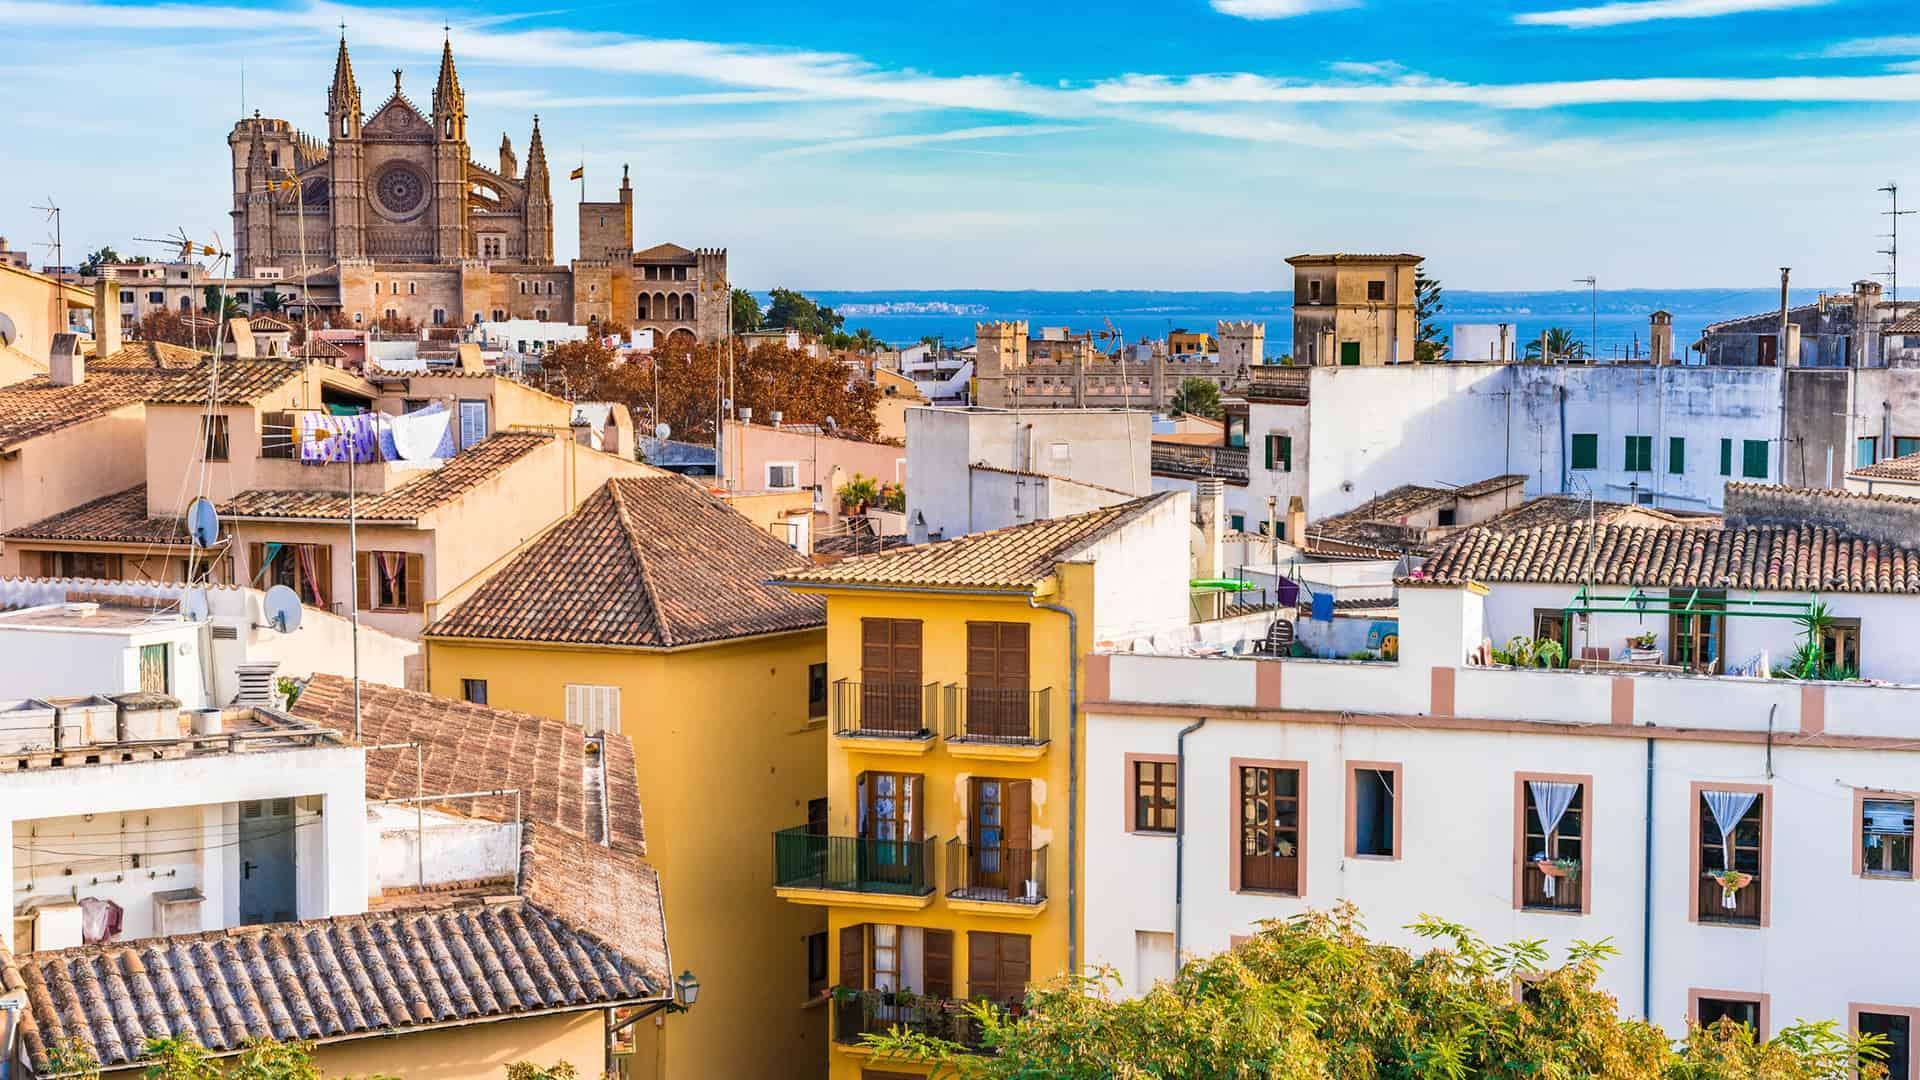 Movistar Palma: tiendas y cobertura 5G